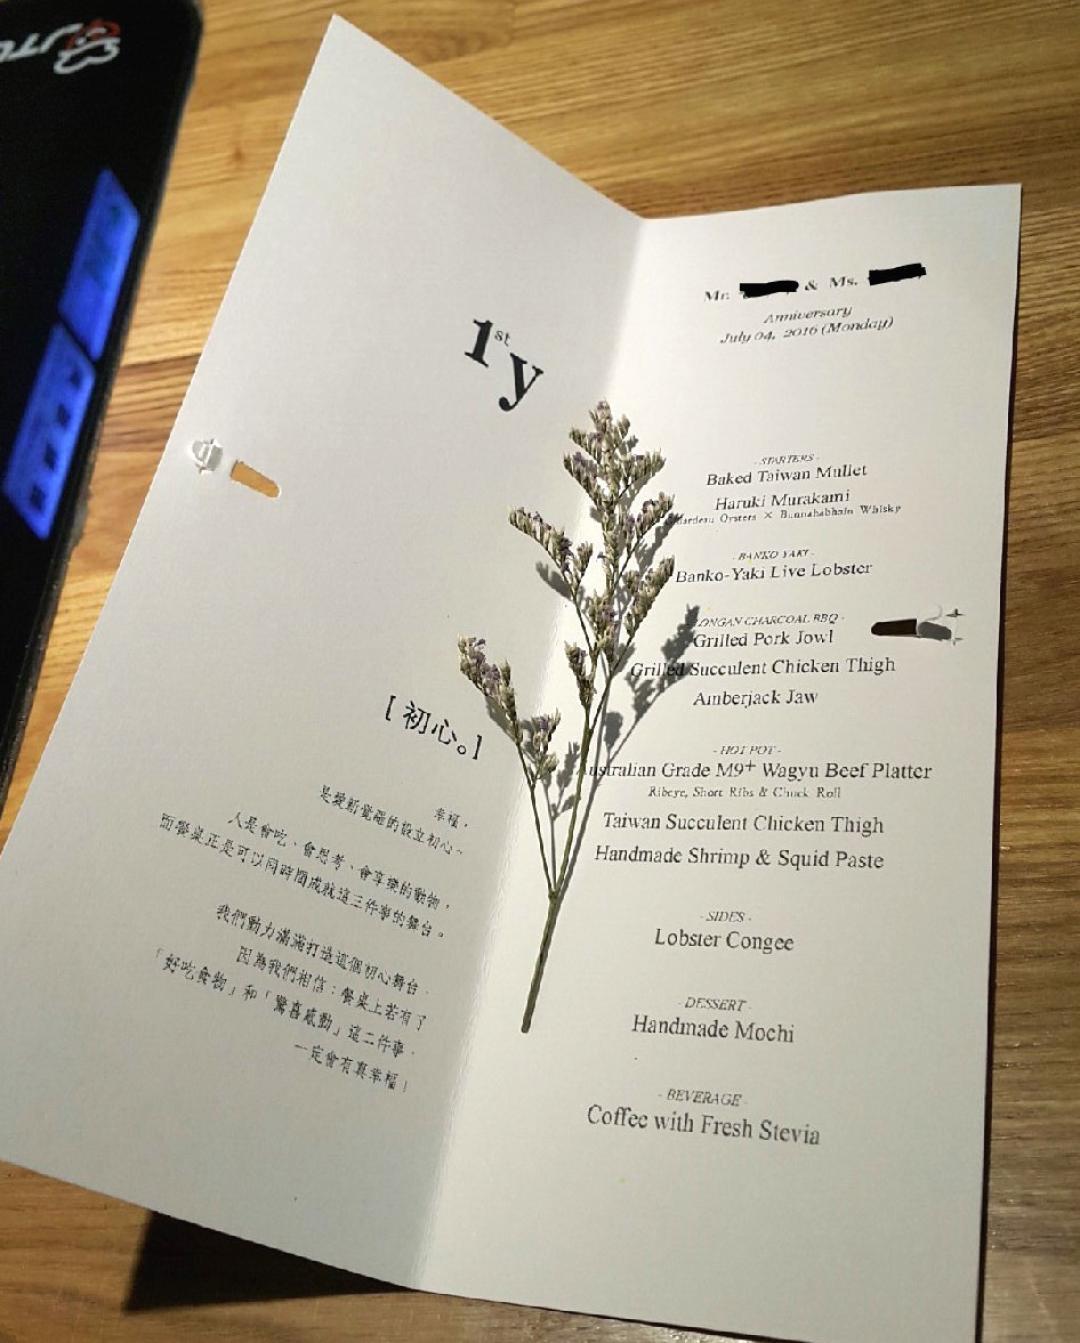 in thiệp kỷ niệm tặng cho các thực khách ở nhà hàng 3 sao !